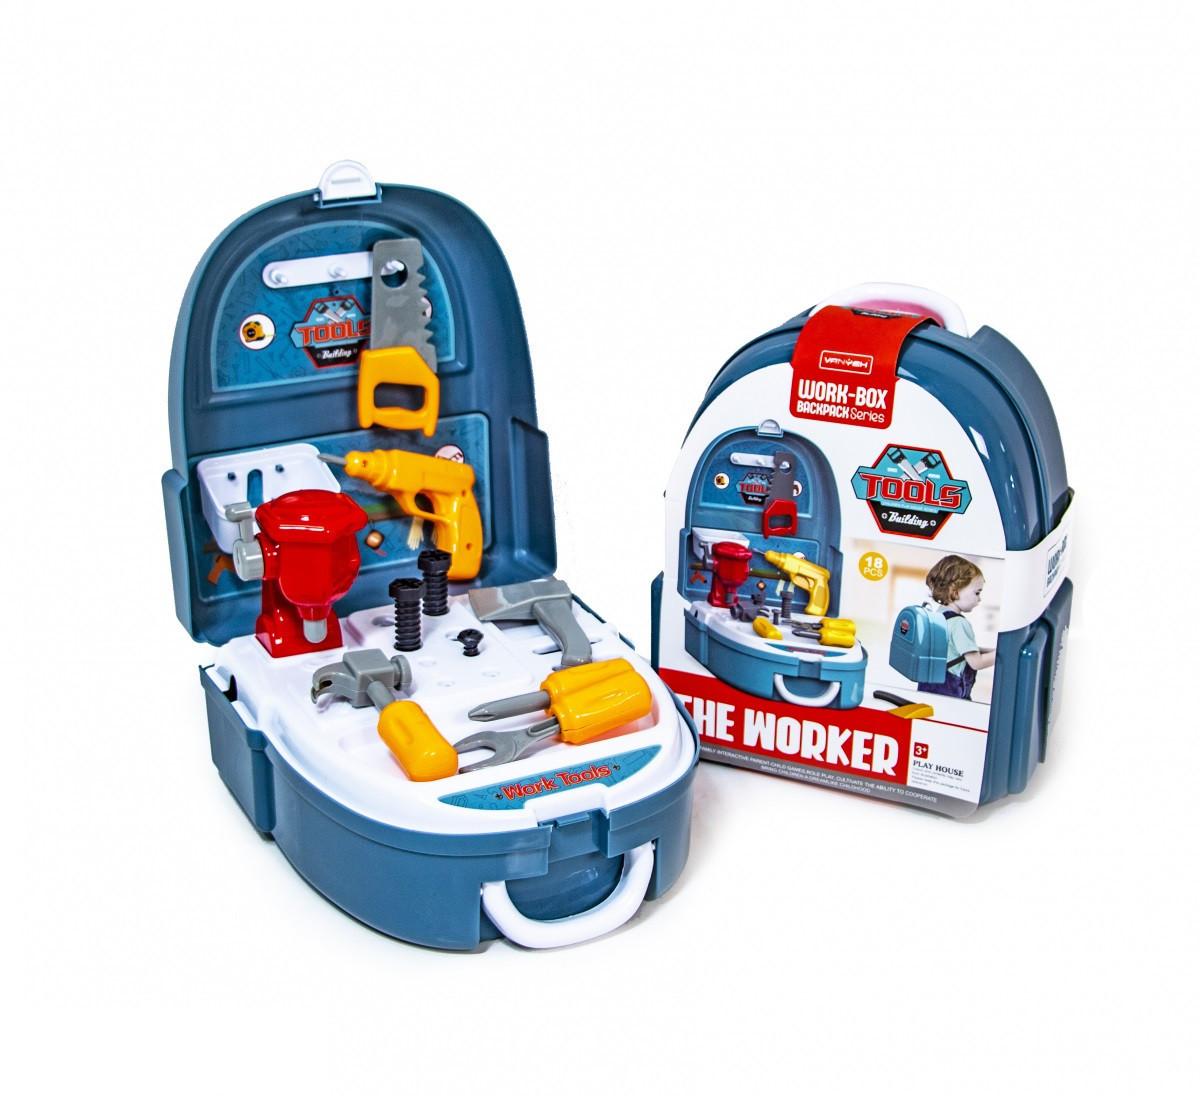 """Детский игровой набор """"Портфель строителя"""" 7F704 с инструментами"""